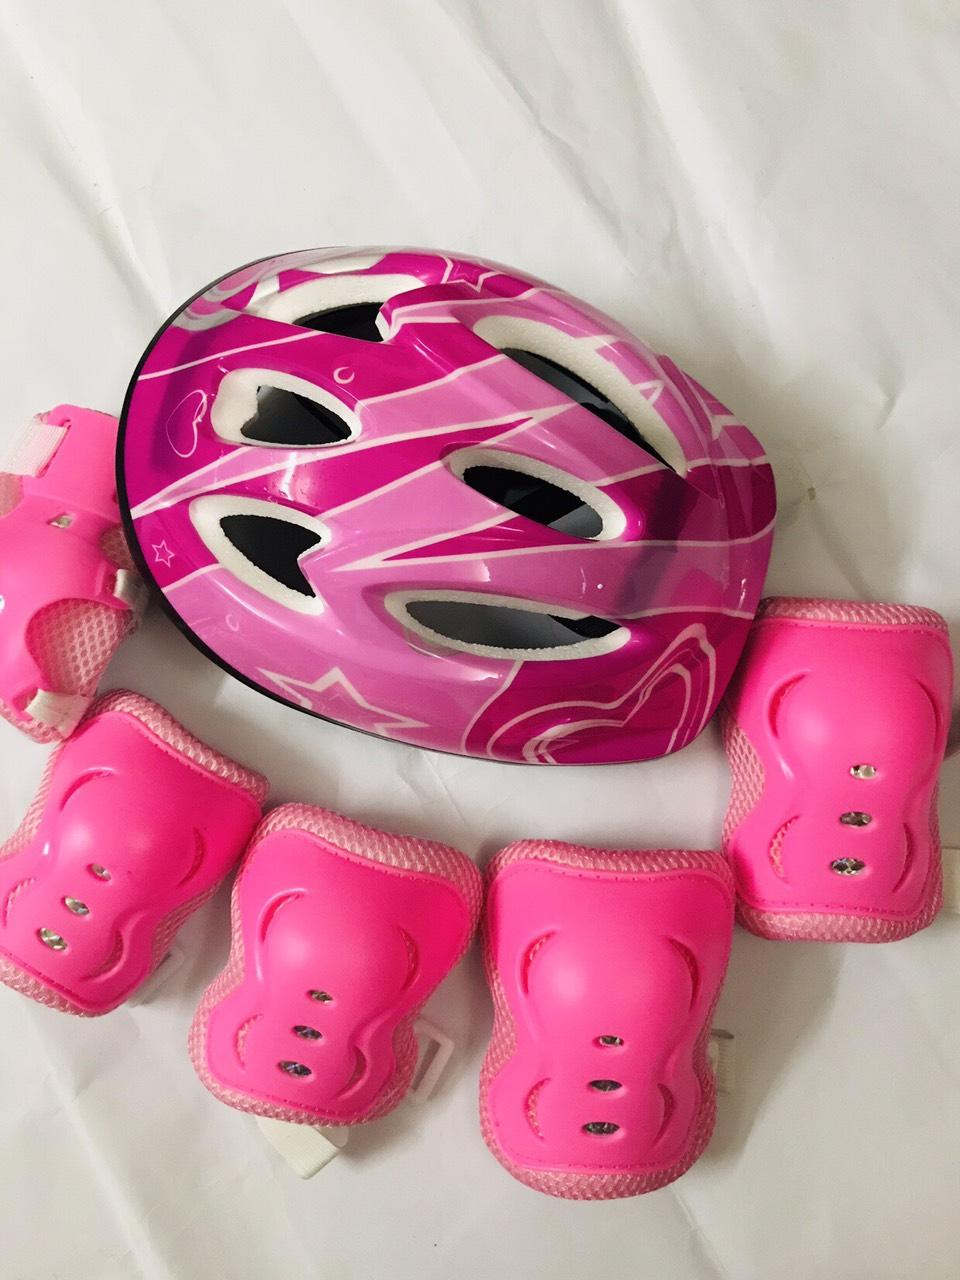 Mua Combo Mũ - Bộ Bảo hộ bảo vệ (Chân, Tay, Khuỷu) chuyên Dụng dành cho bé chơi TRƯỢT TUYẾT, TRƯỢT PATIN, ĐI XE ĐẠP